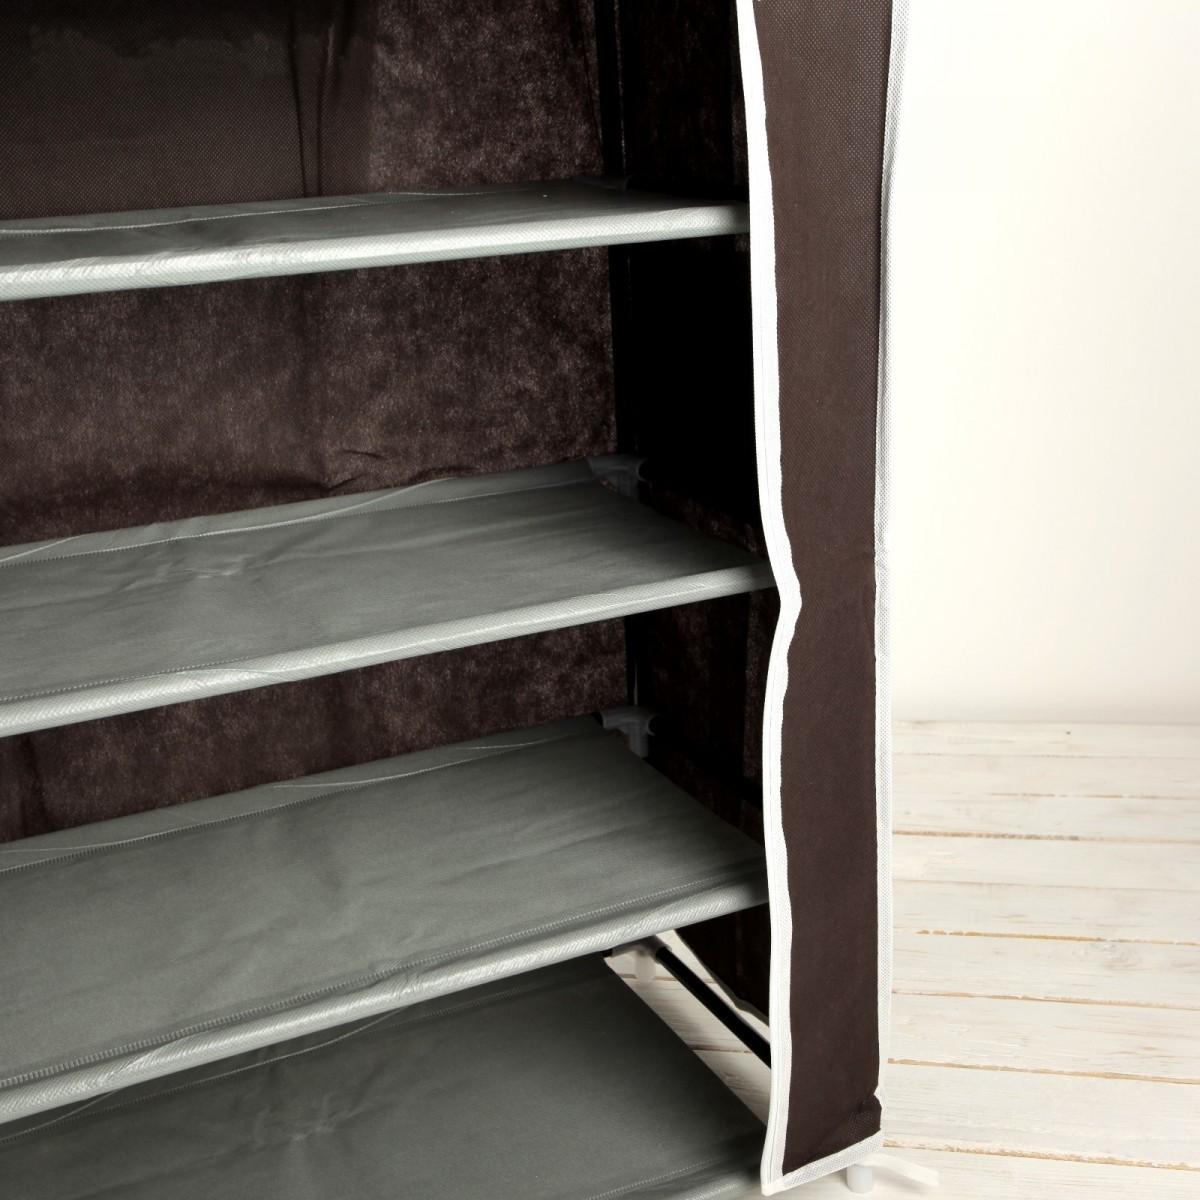 Тканевый шкаф для обуви, 4 полки, кофейный, 60 х 28 х 72 см